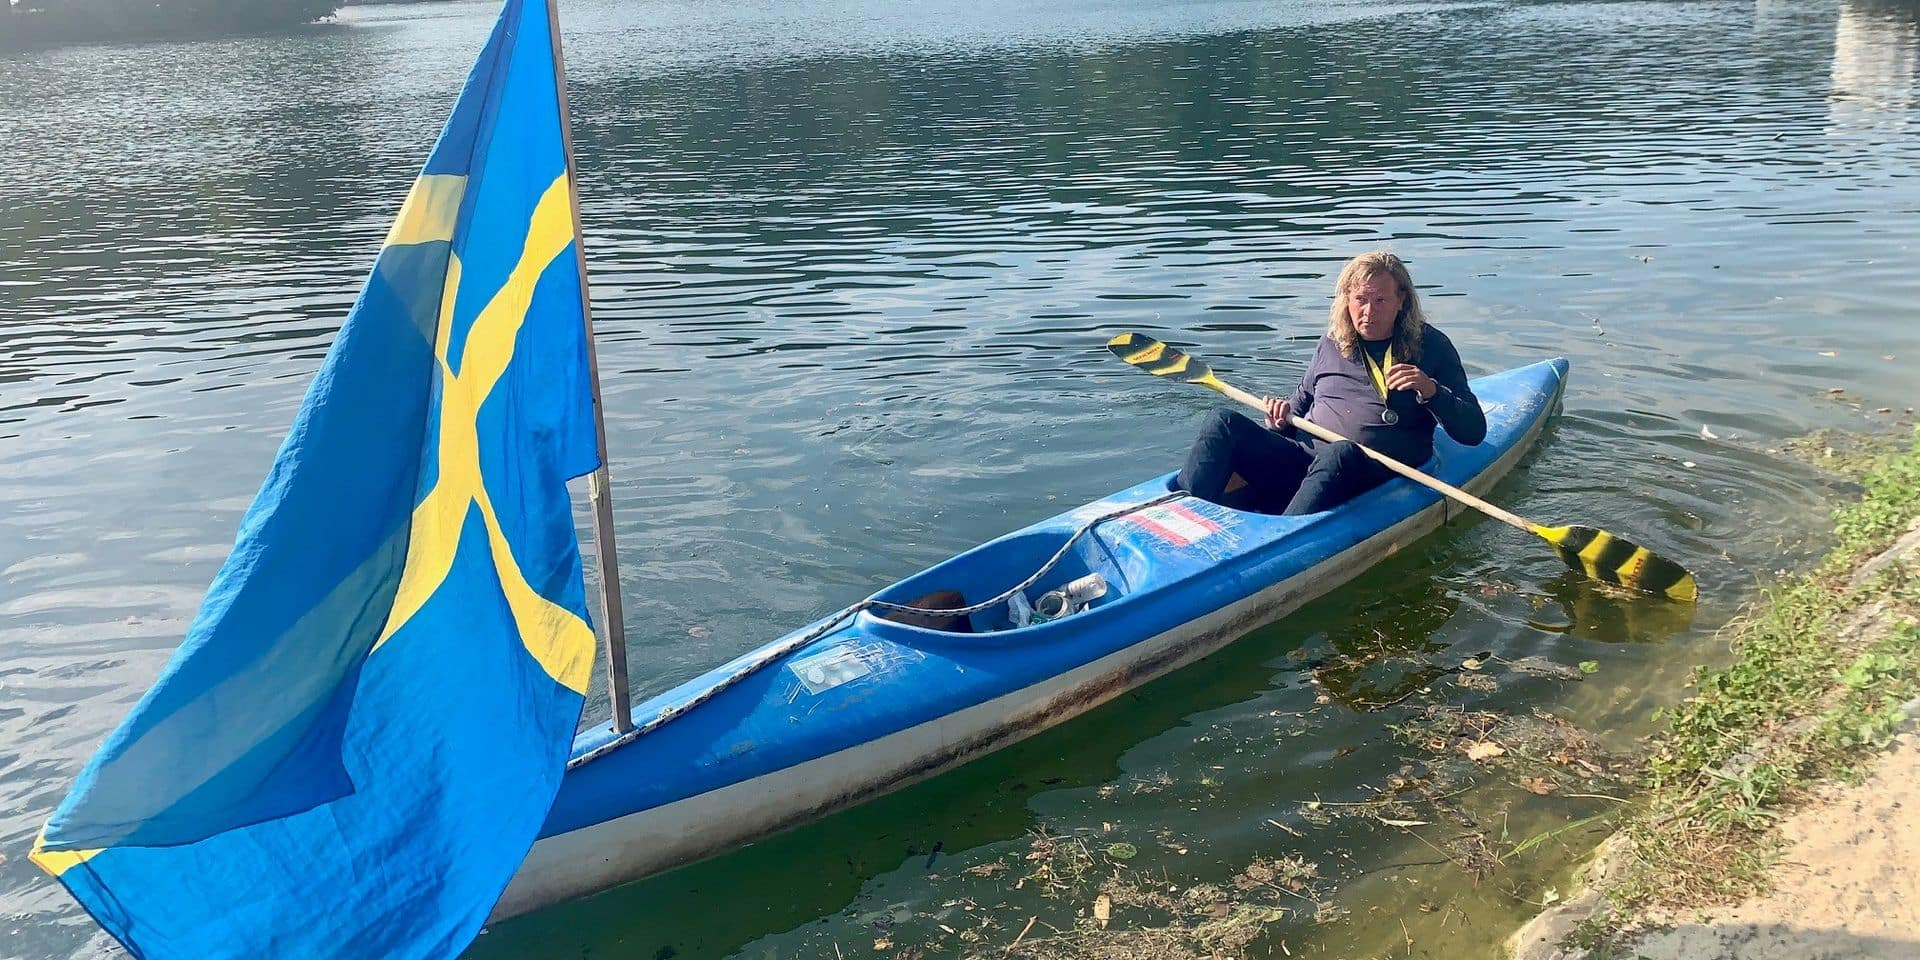 Namur: Marc Kayak ne peut plus nettoyer la Meuse